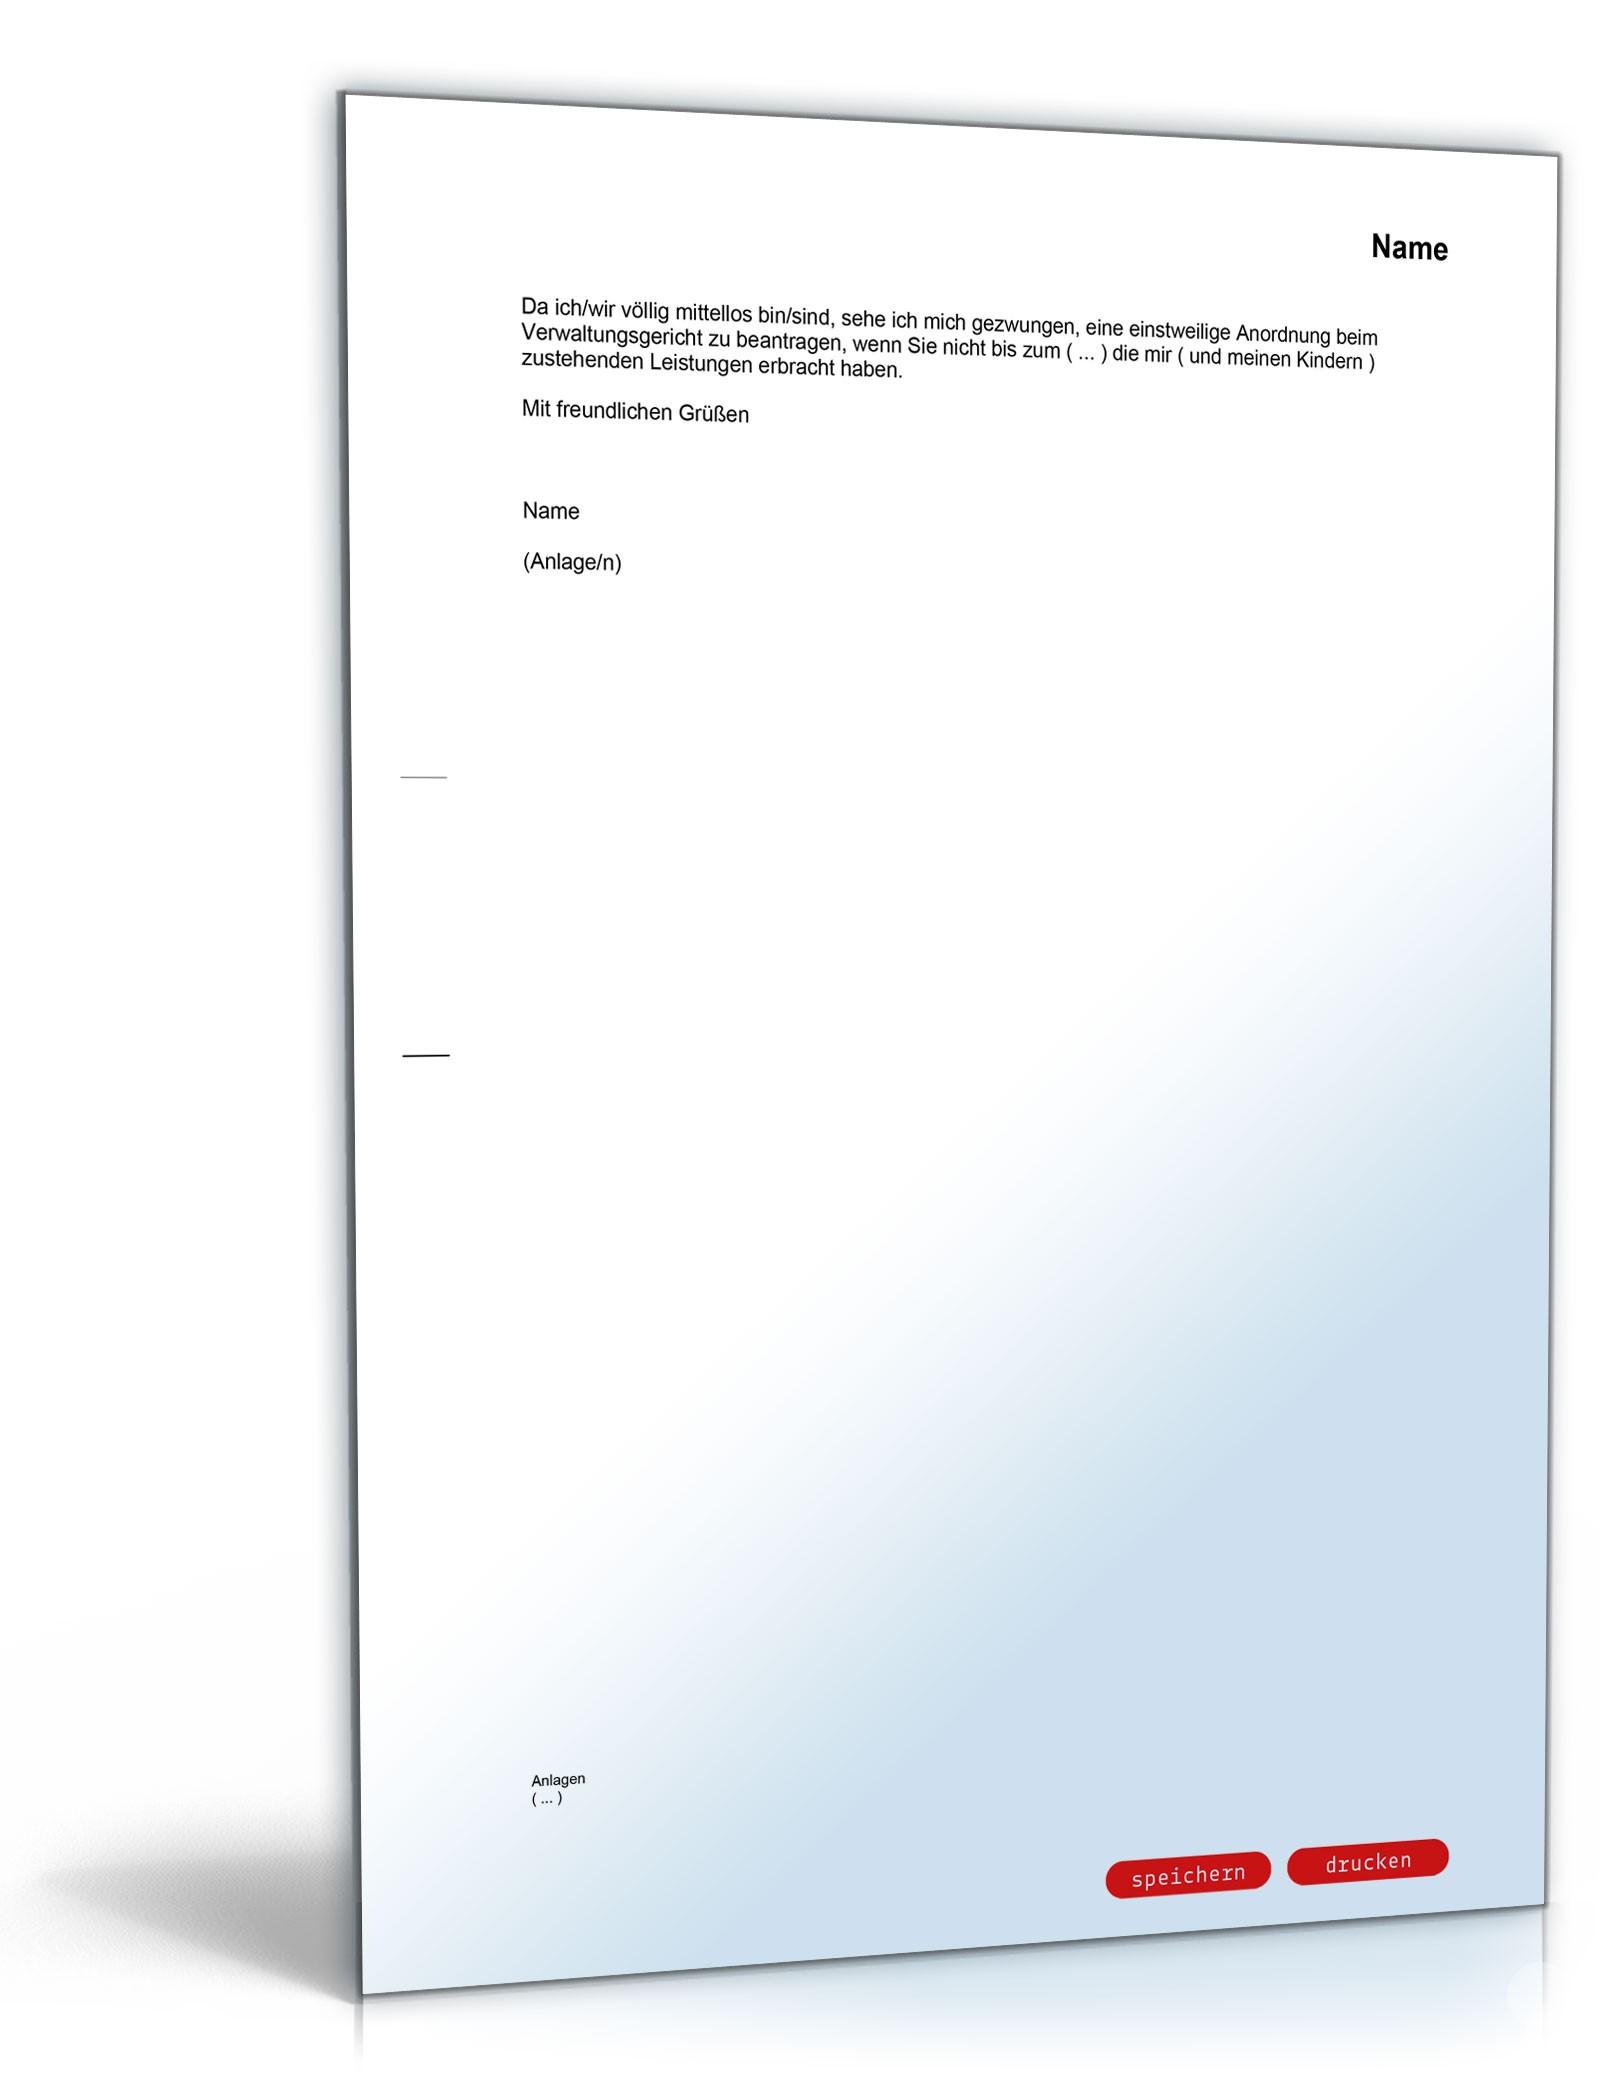 Widerspruch Ablehnung Antrag Alg Ii Vorlage Zum Download